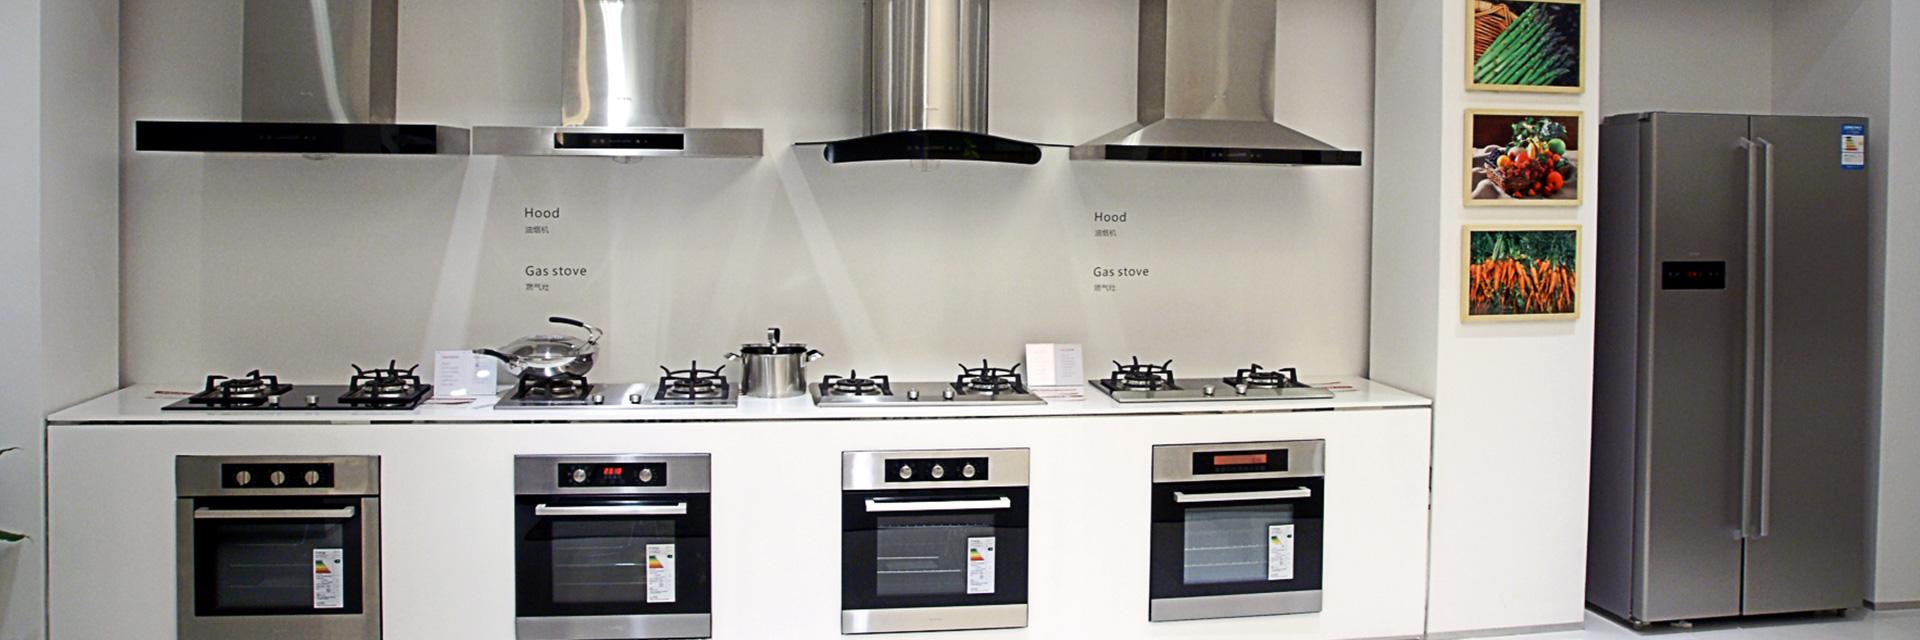 l shaped kitchen appliance layout photo - 9